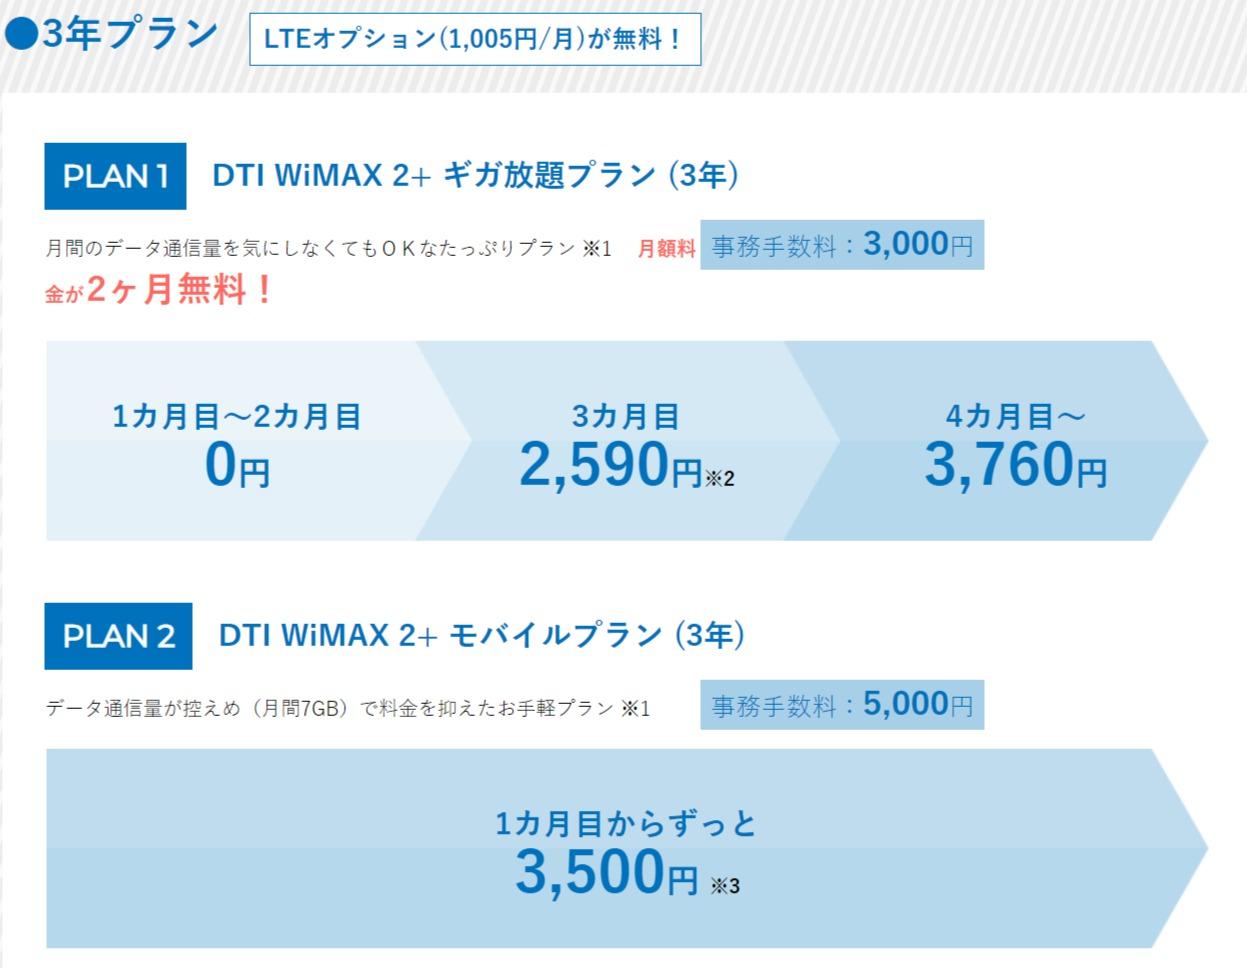 DTI WiMAX 2+ 料金